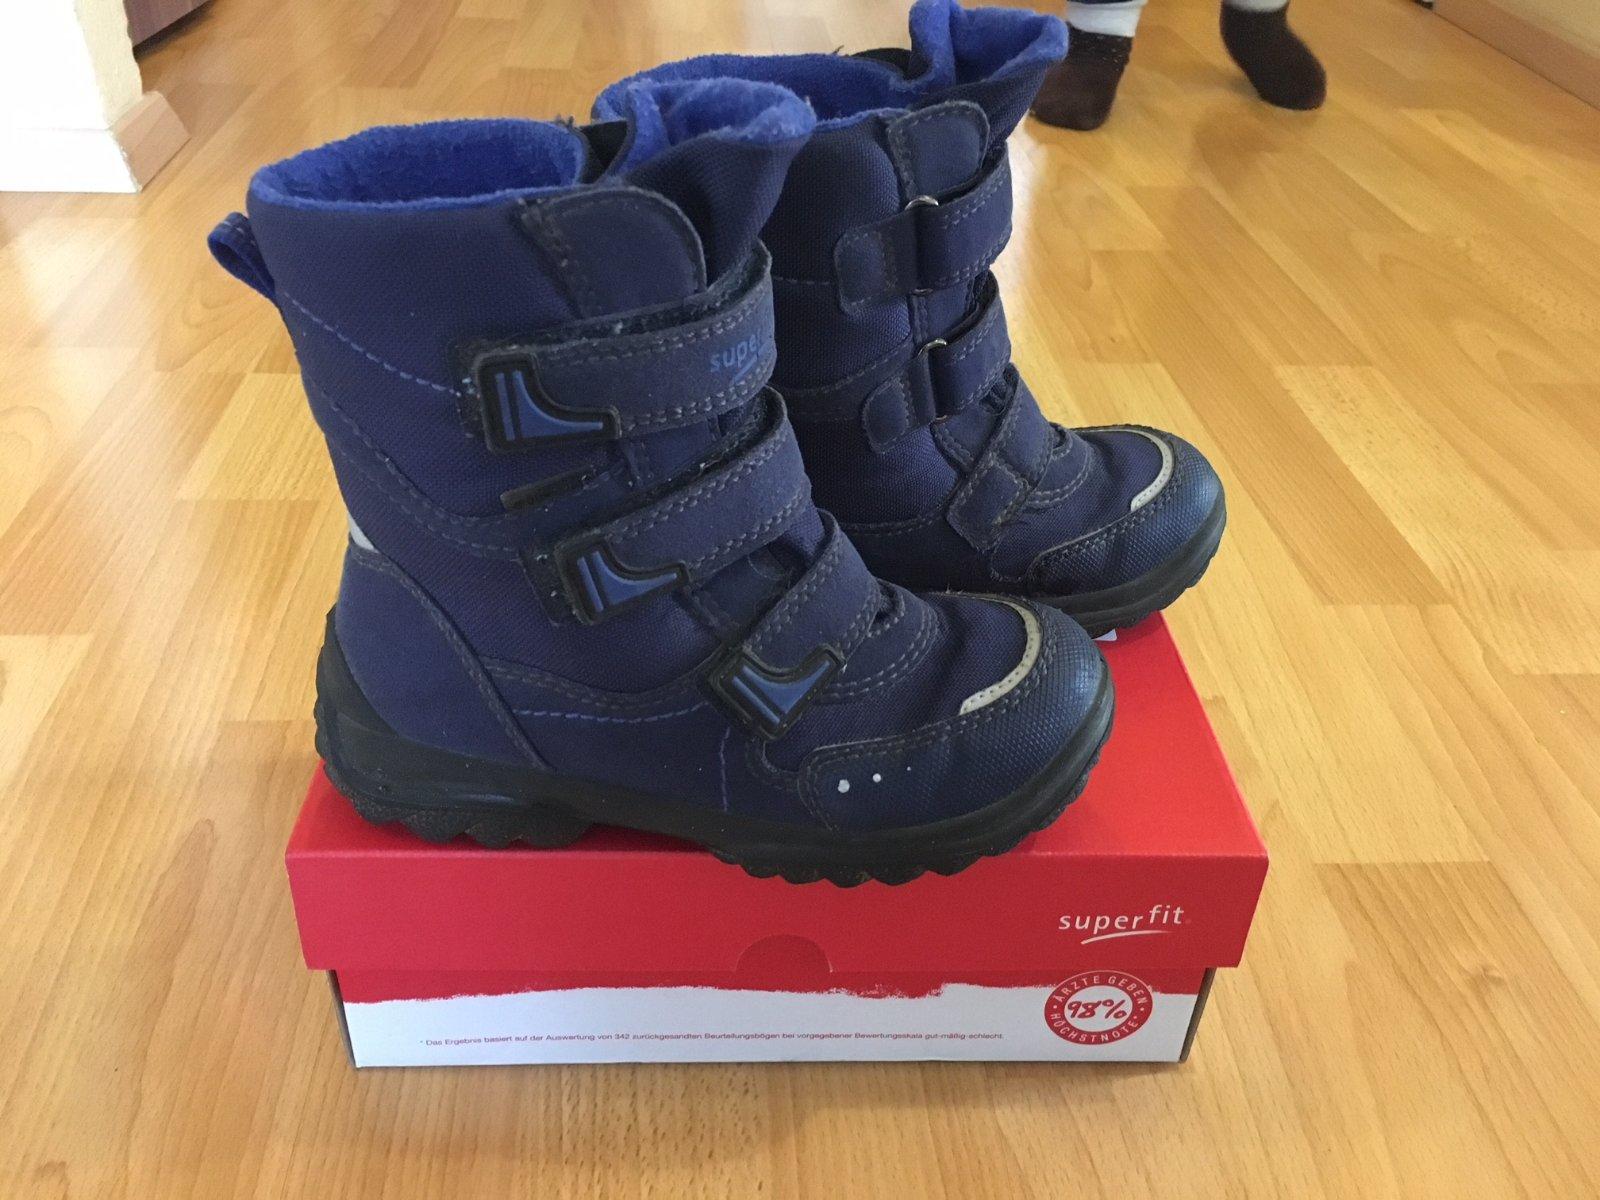 1d62766c5da Dětské zimní boty superfit gore-tex vel. 28